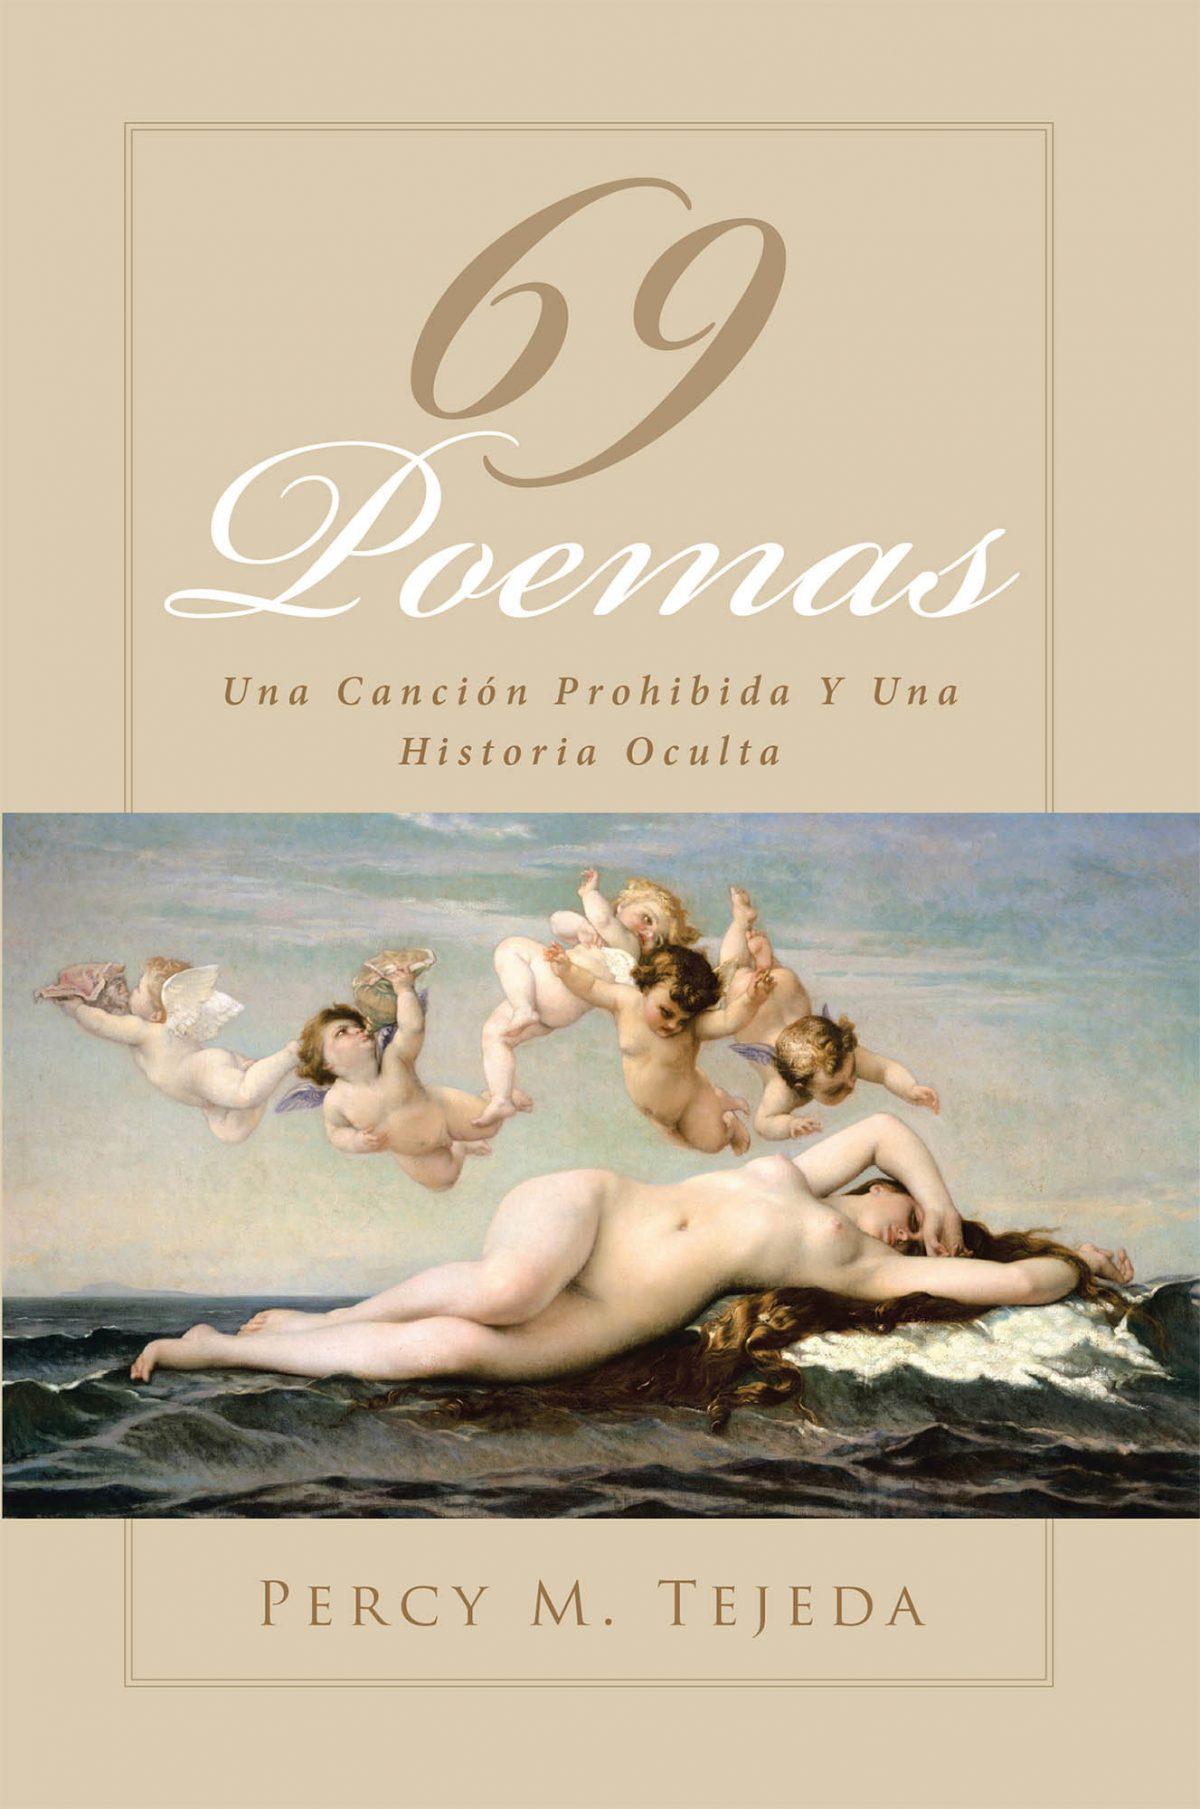 El Nuevo Libro De Percy M. Tejeda, 69 Poemas: Una Canción Prohibida Y Una Historia Oculta, Es Un Poemario Que Nos Revela Emociones, Sentimientos Y Realidades Que Pueden Evocarse En La Vida